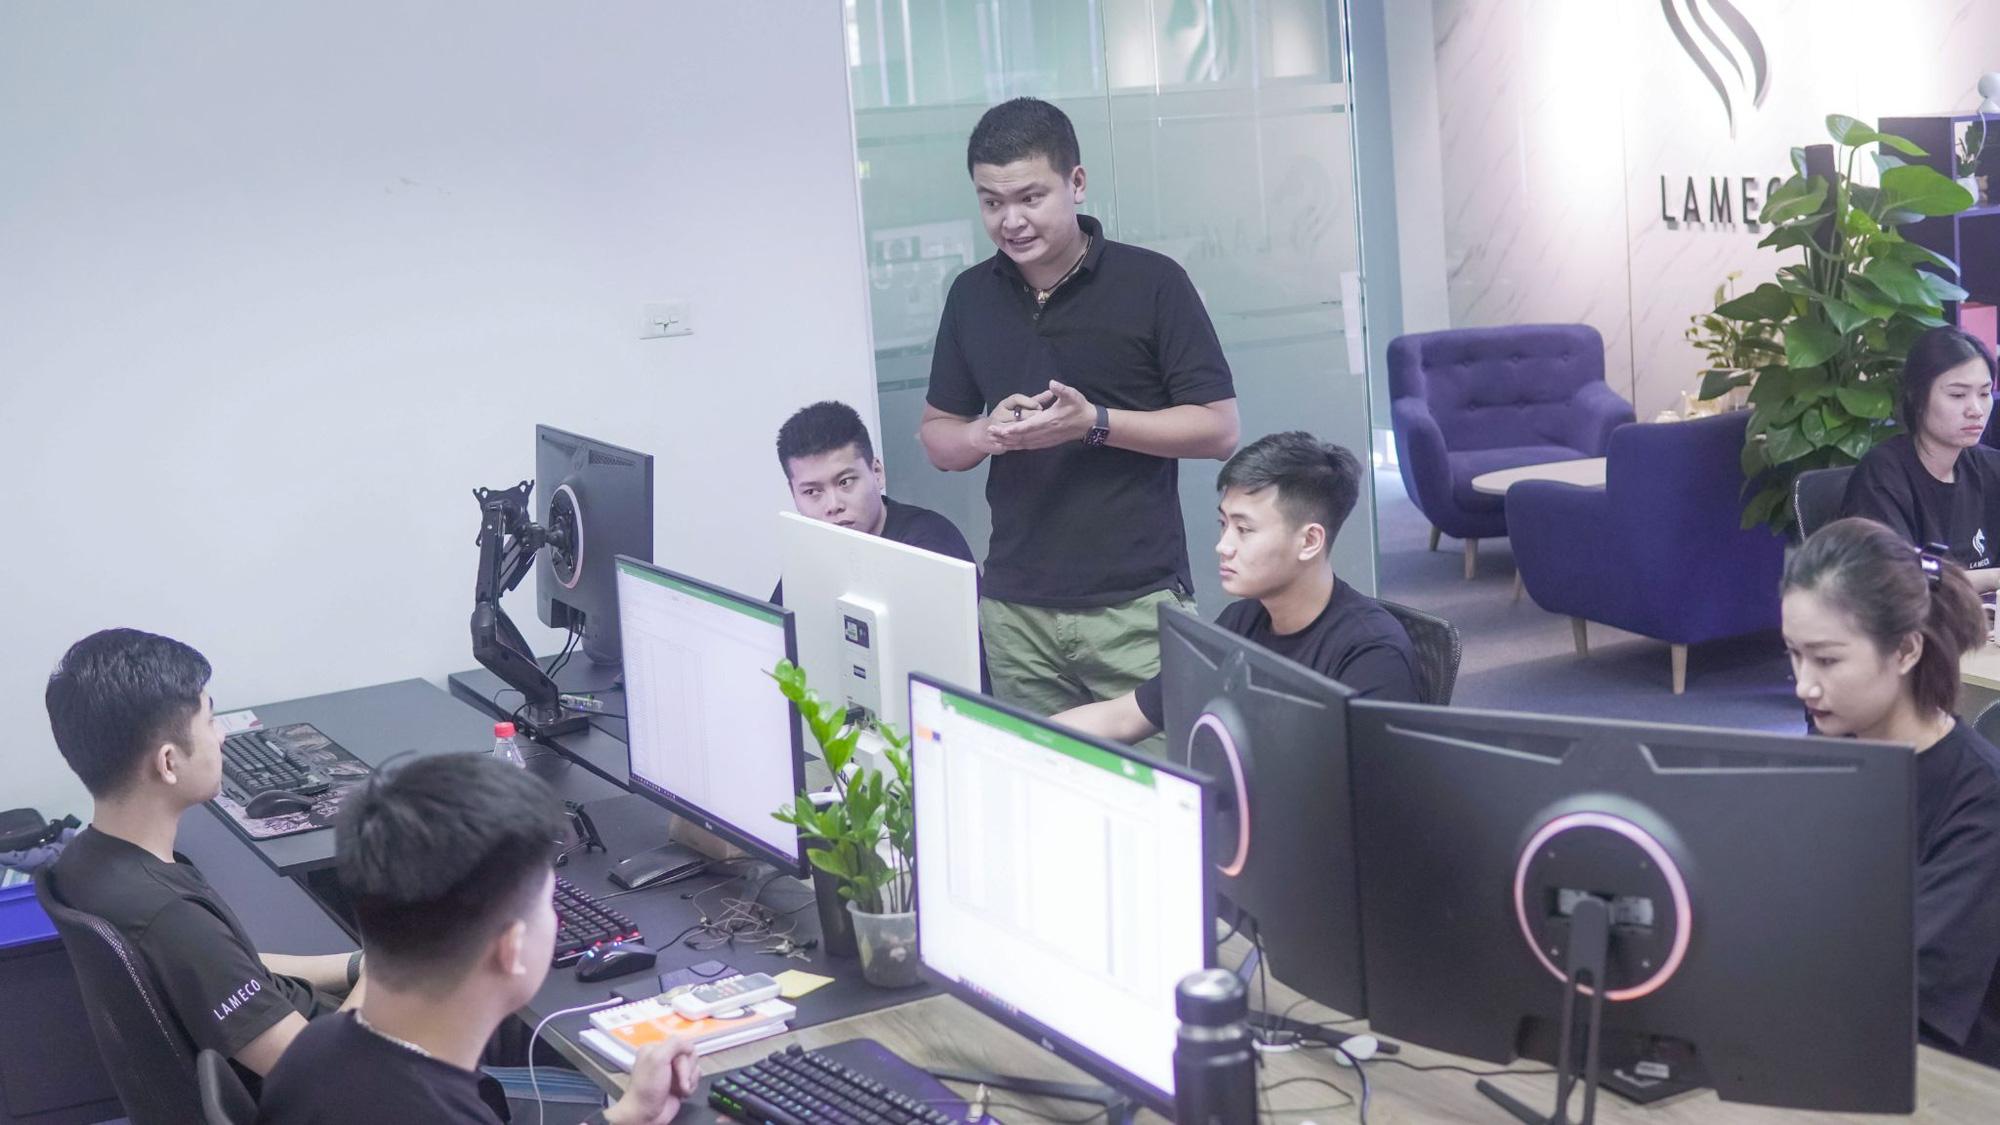 Lameco - cung cấp các giải pháp kinh doanh hiệu quả, xây dựng thương hiệu bền vững trên sàn TMĐT Việt Nam - Ảnh 4.